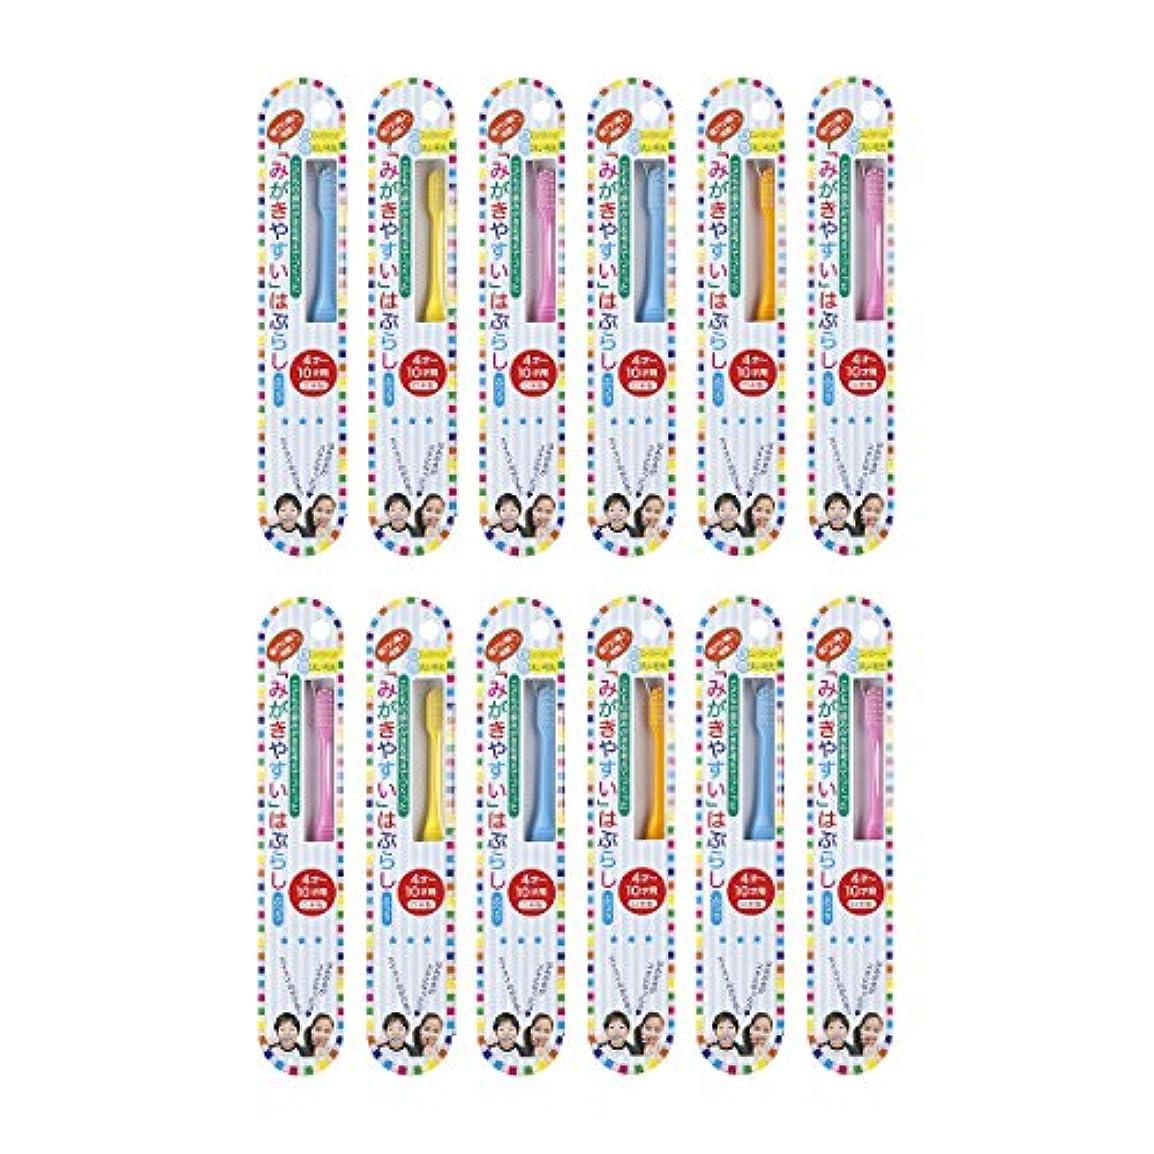 荒廃する汚染された認識歯ブラシ職人Artooth 日本製 田辺重吉 磨きやすい歯ブラシこども用 LT-10 (12本パック)